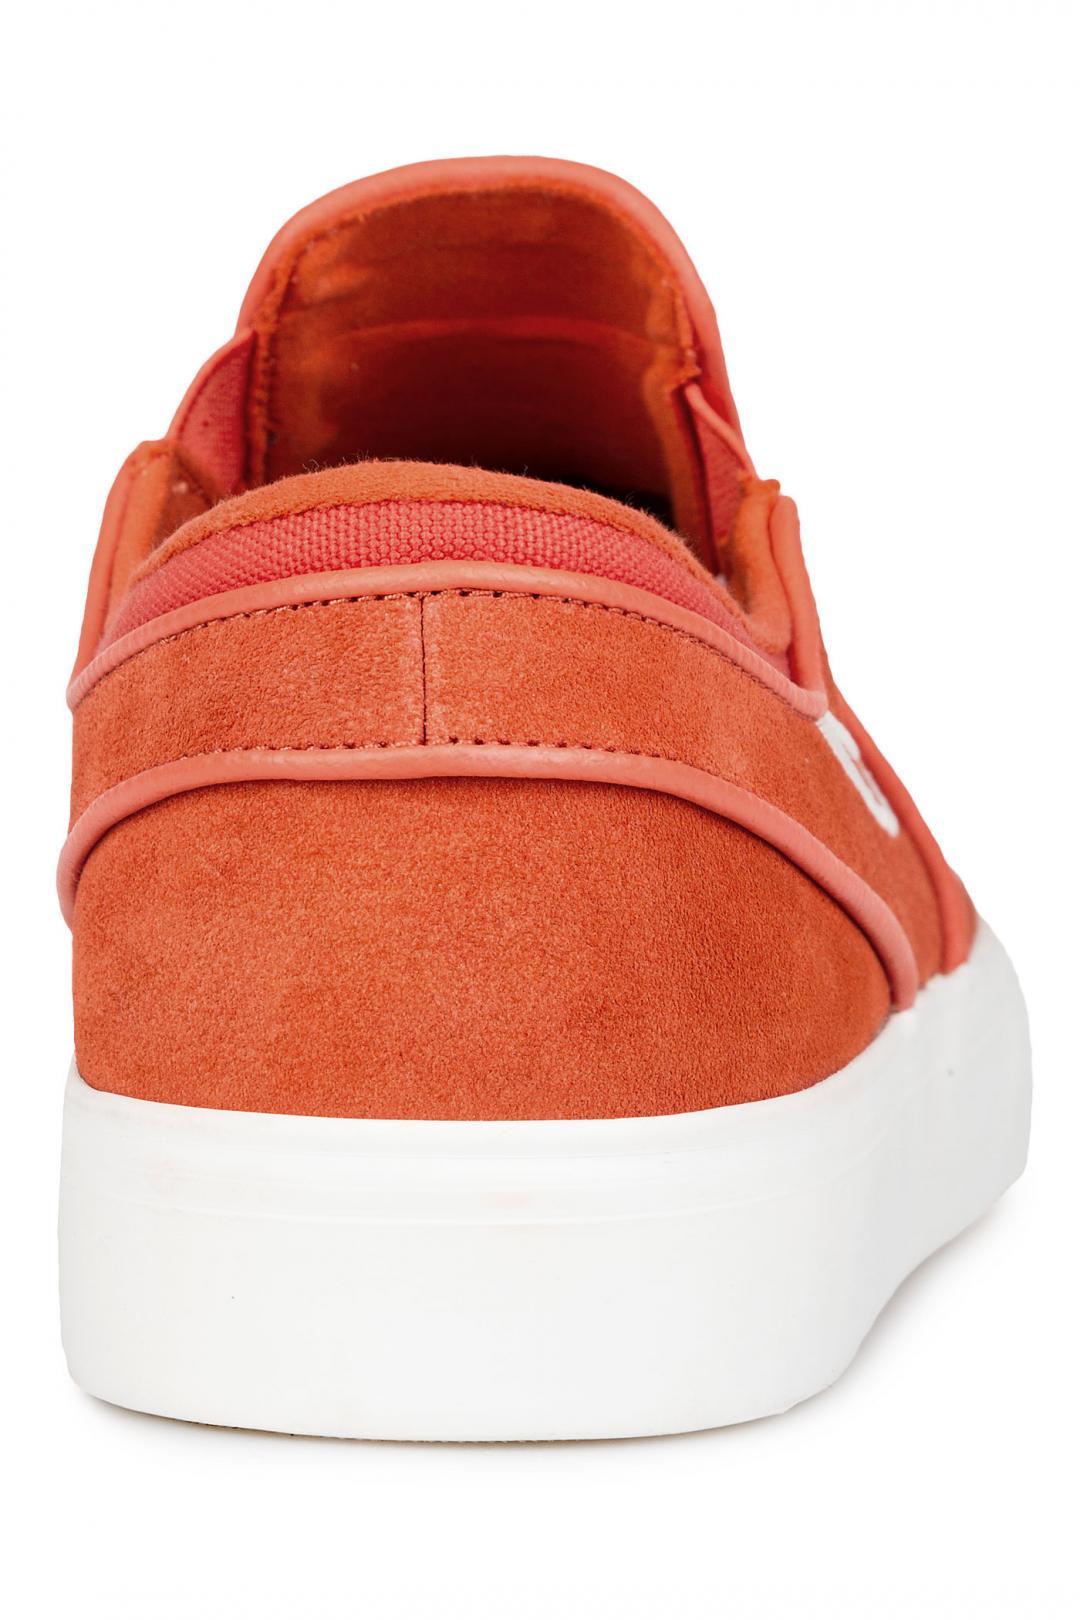 Uomo/Donna Nike SB Zoom Stefan Janoski Slip vintage coral sail | Sneakers slip on